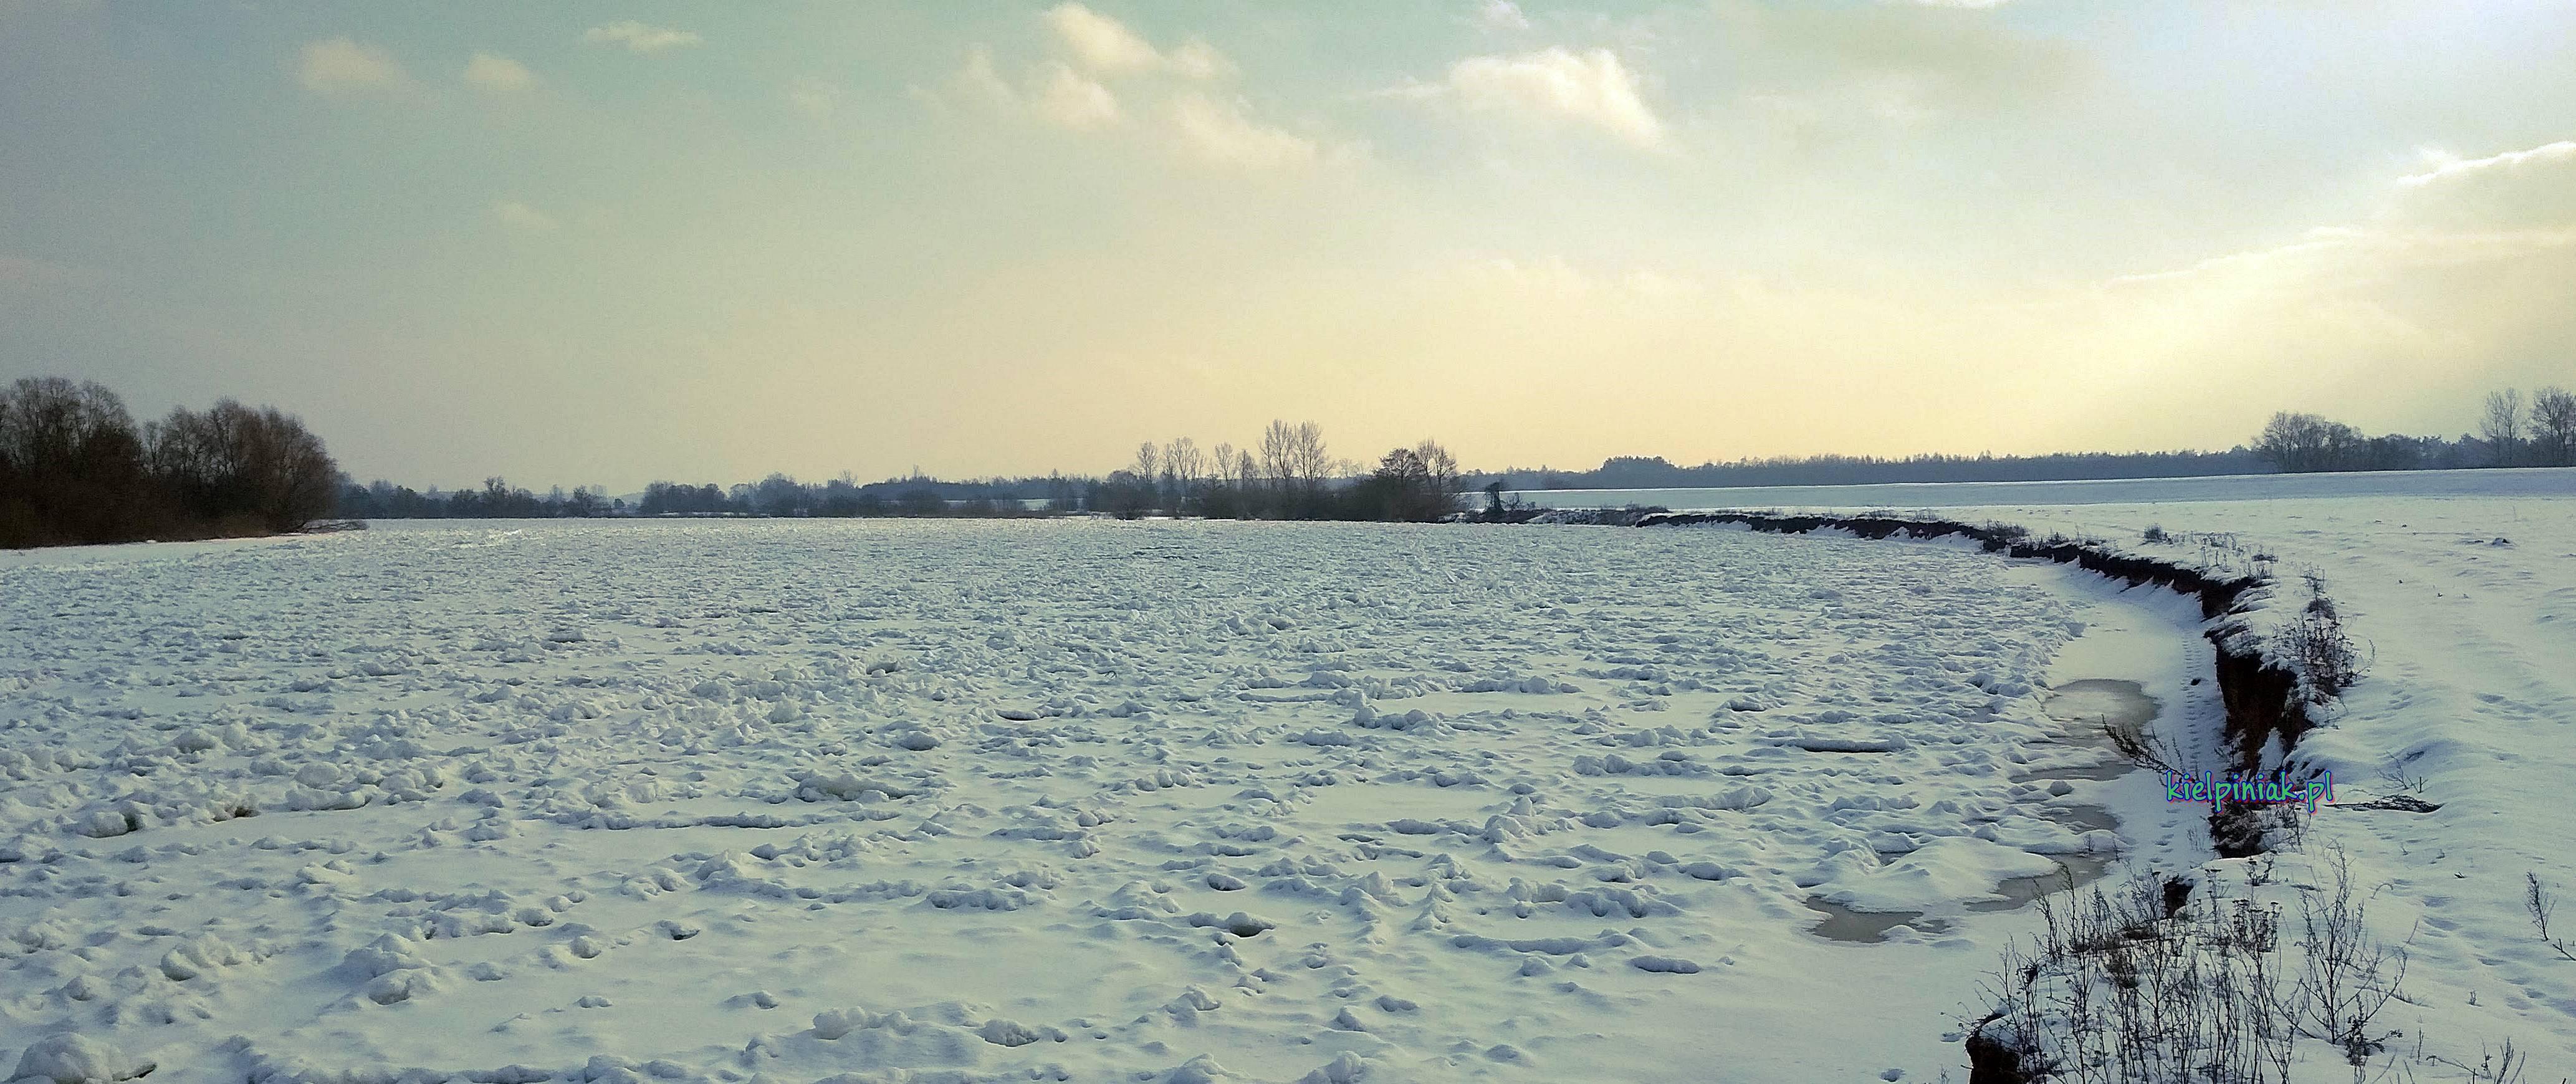 Nadbużański Park Krajobrazowy, rzeka Bug w okolicy Kiełpińca , zima 2019